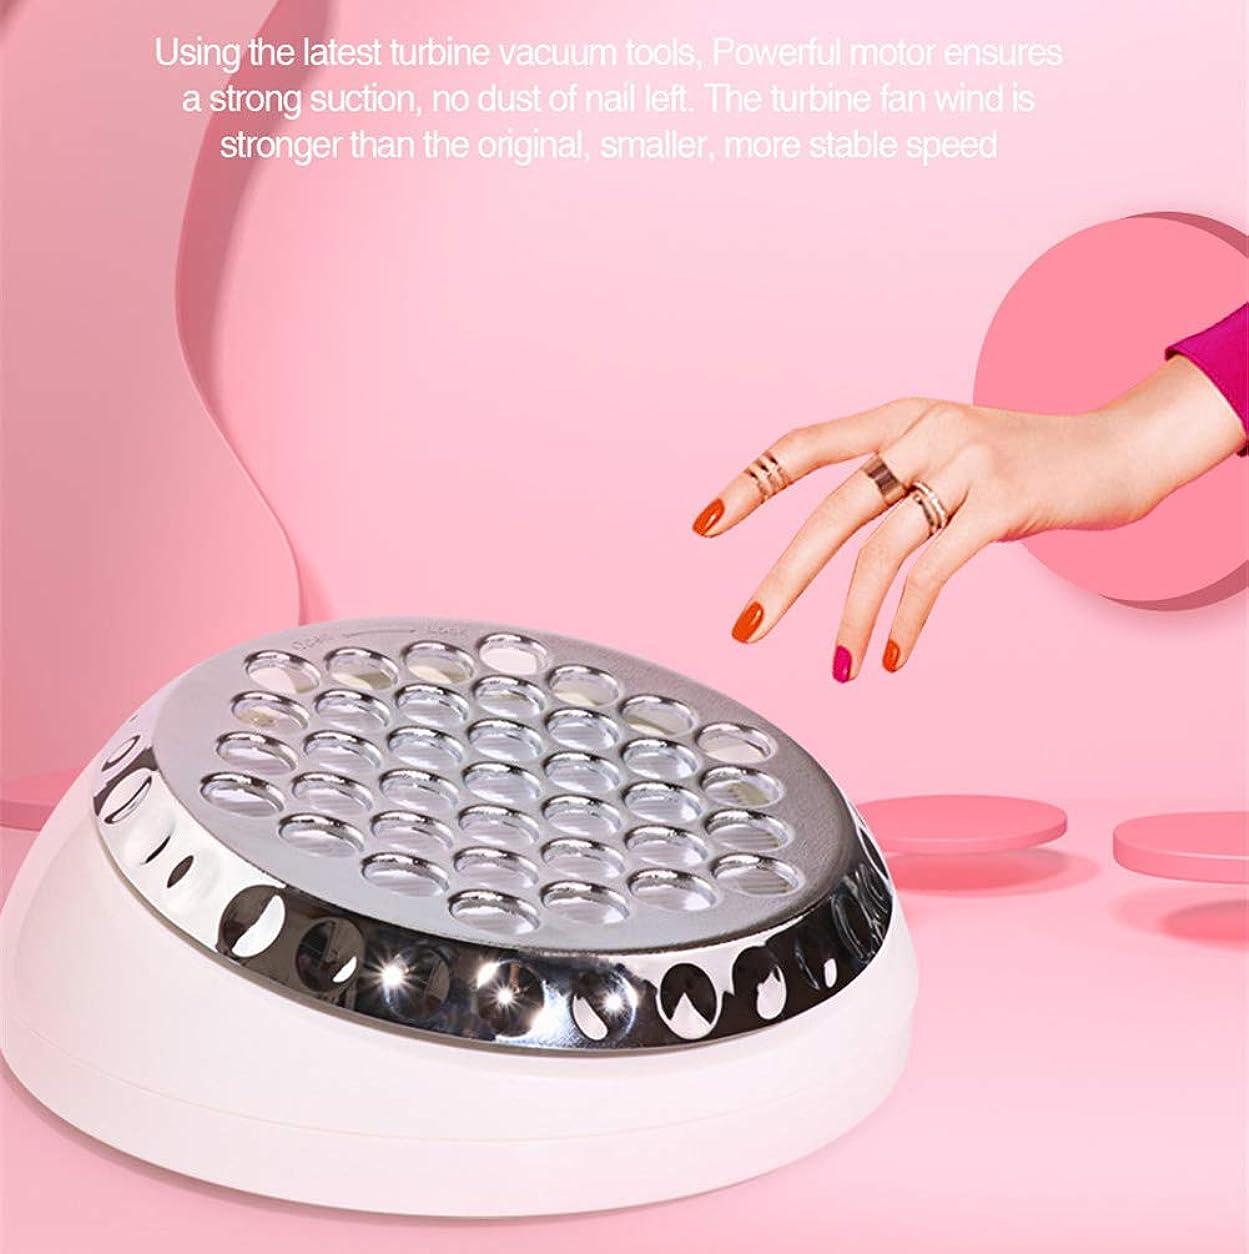 ラッチ些細な旅行者マニキュアのための60Wタービン釘の掃除機の低雑音の釘の集じん器の抽出器の芸術の釘の設計強力な機械